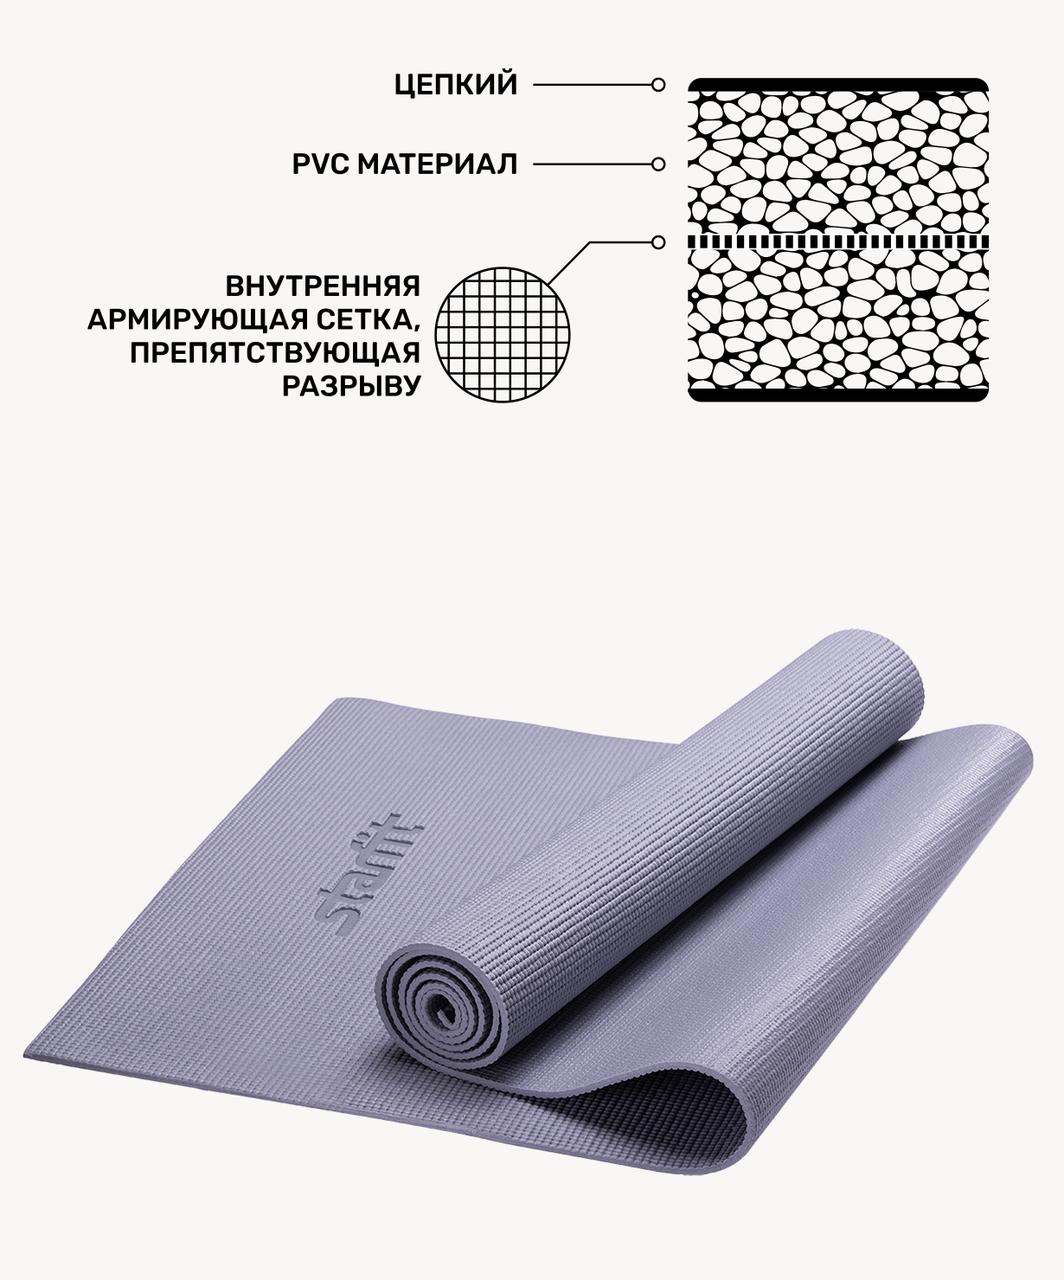 Коврик для йоги FM-101, PVC, 173x61x1,0 см, серый Starfit